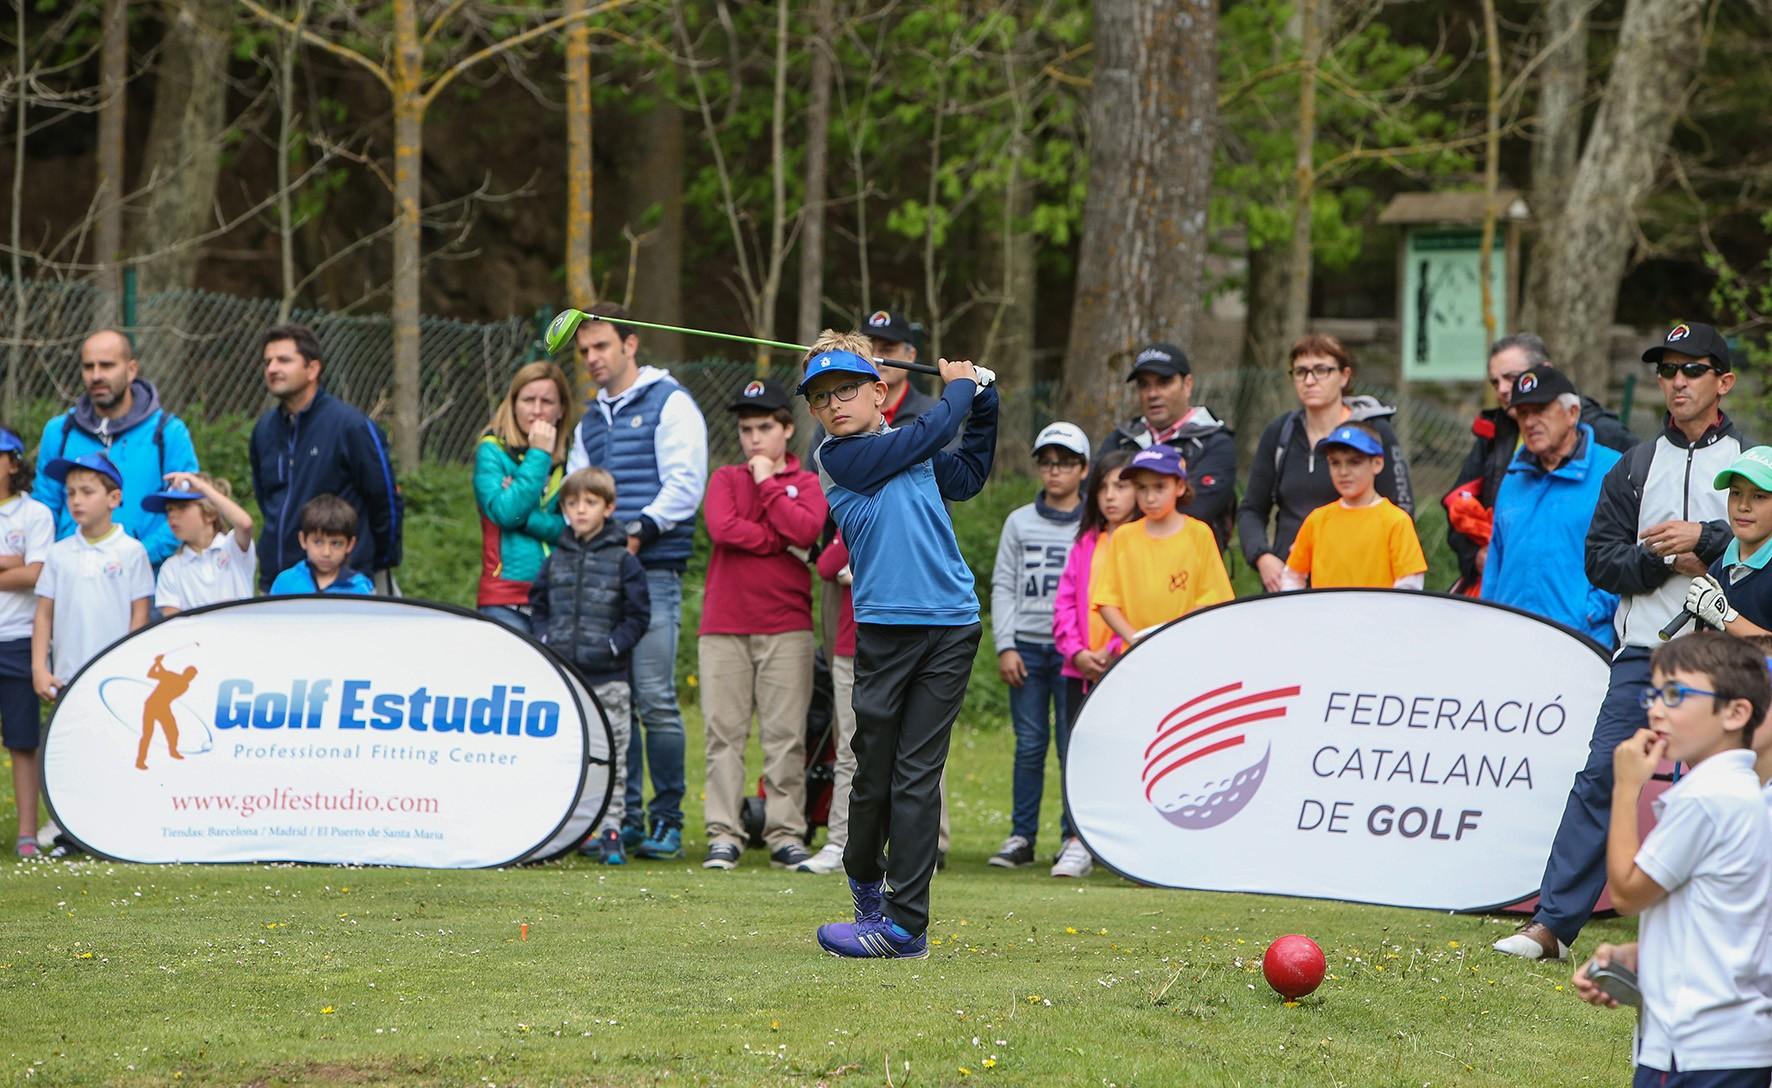 5e-torneig-golf-a-les-escoles-1